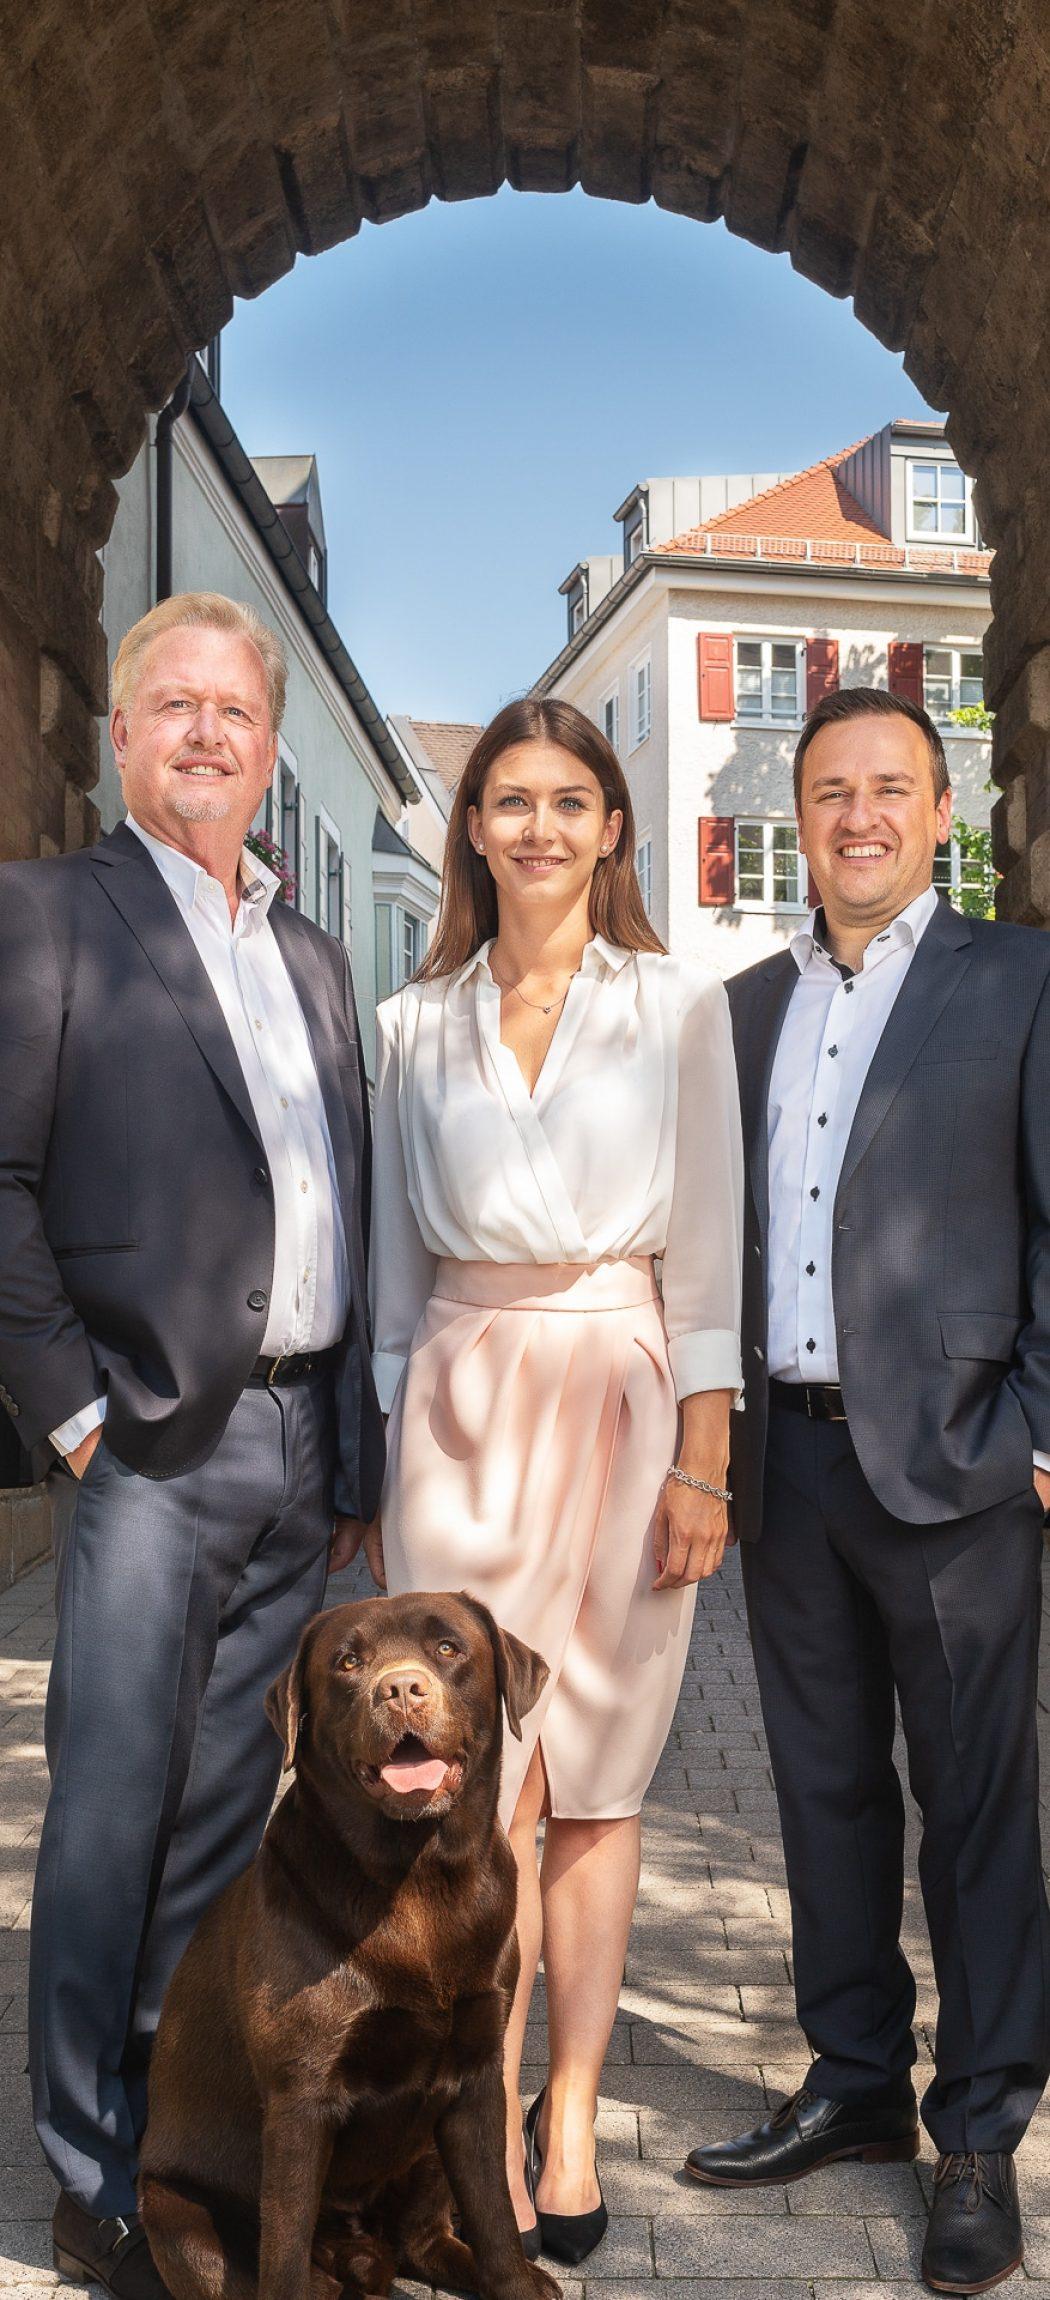 Zeigt die 3 Immobilienmakler von IFK Immobilien mit Hund